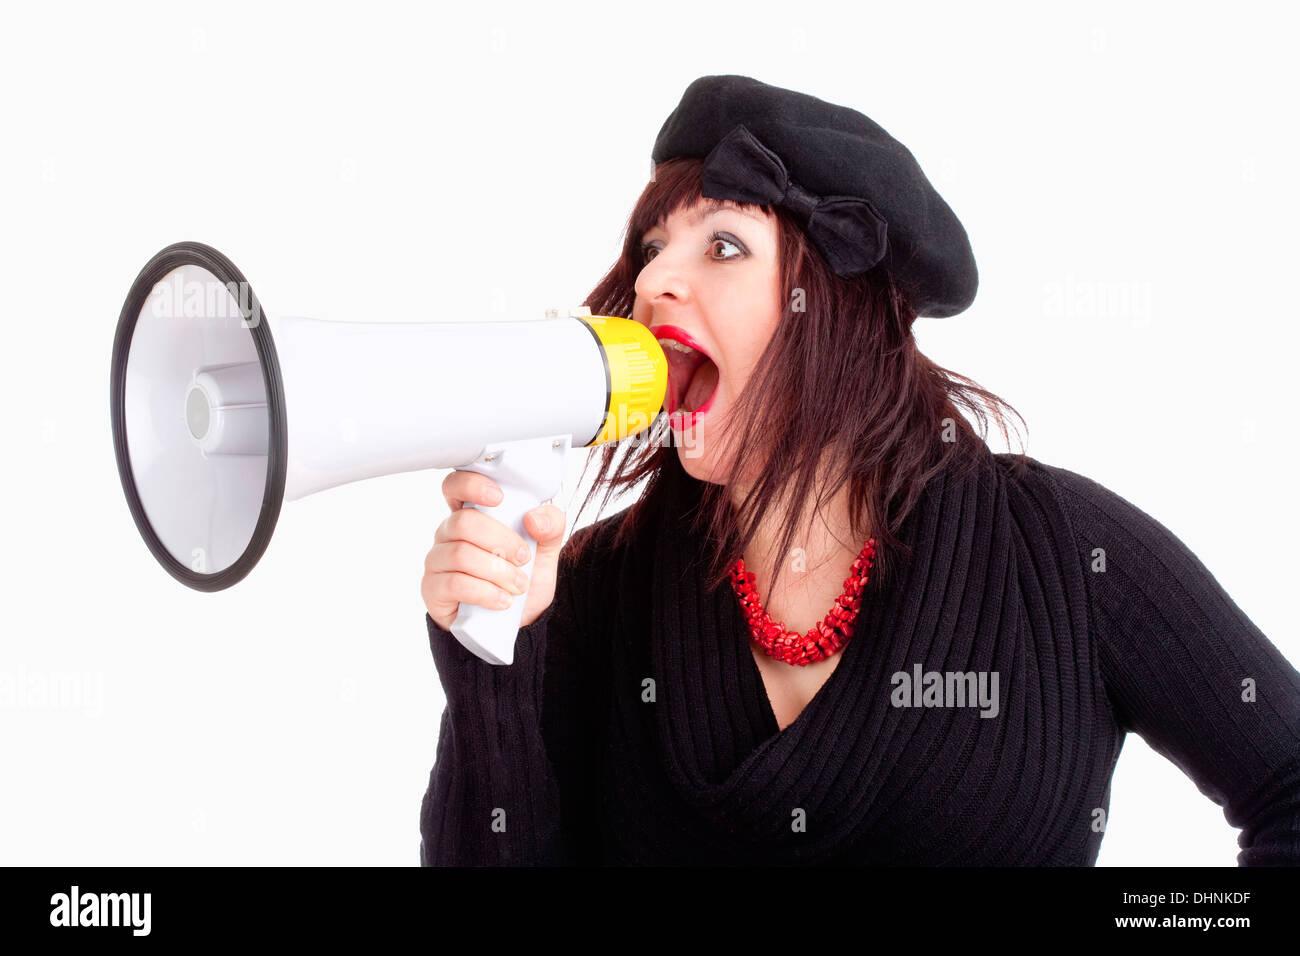 Junge Frau mit Hut Geschrei im Megaphon - Isolated on White Stockfoto